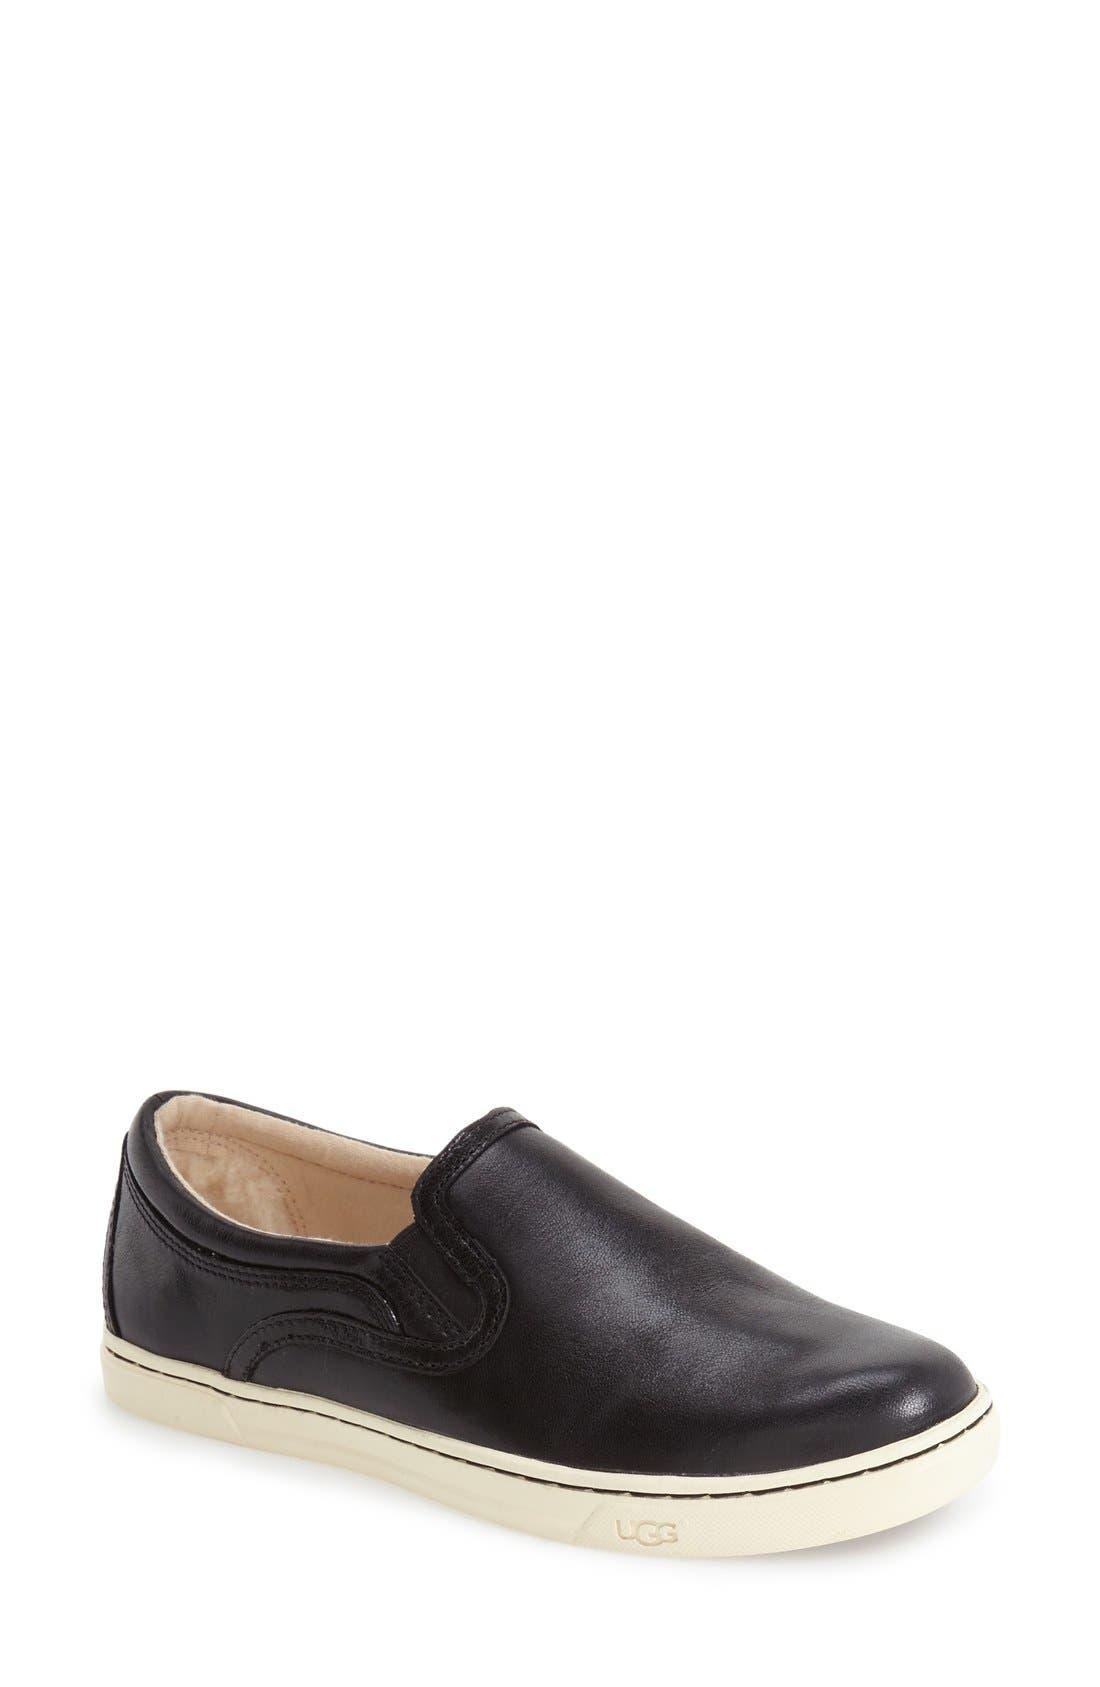 Fierce Sneaker,                         Main,                         color, 001